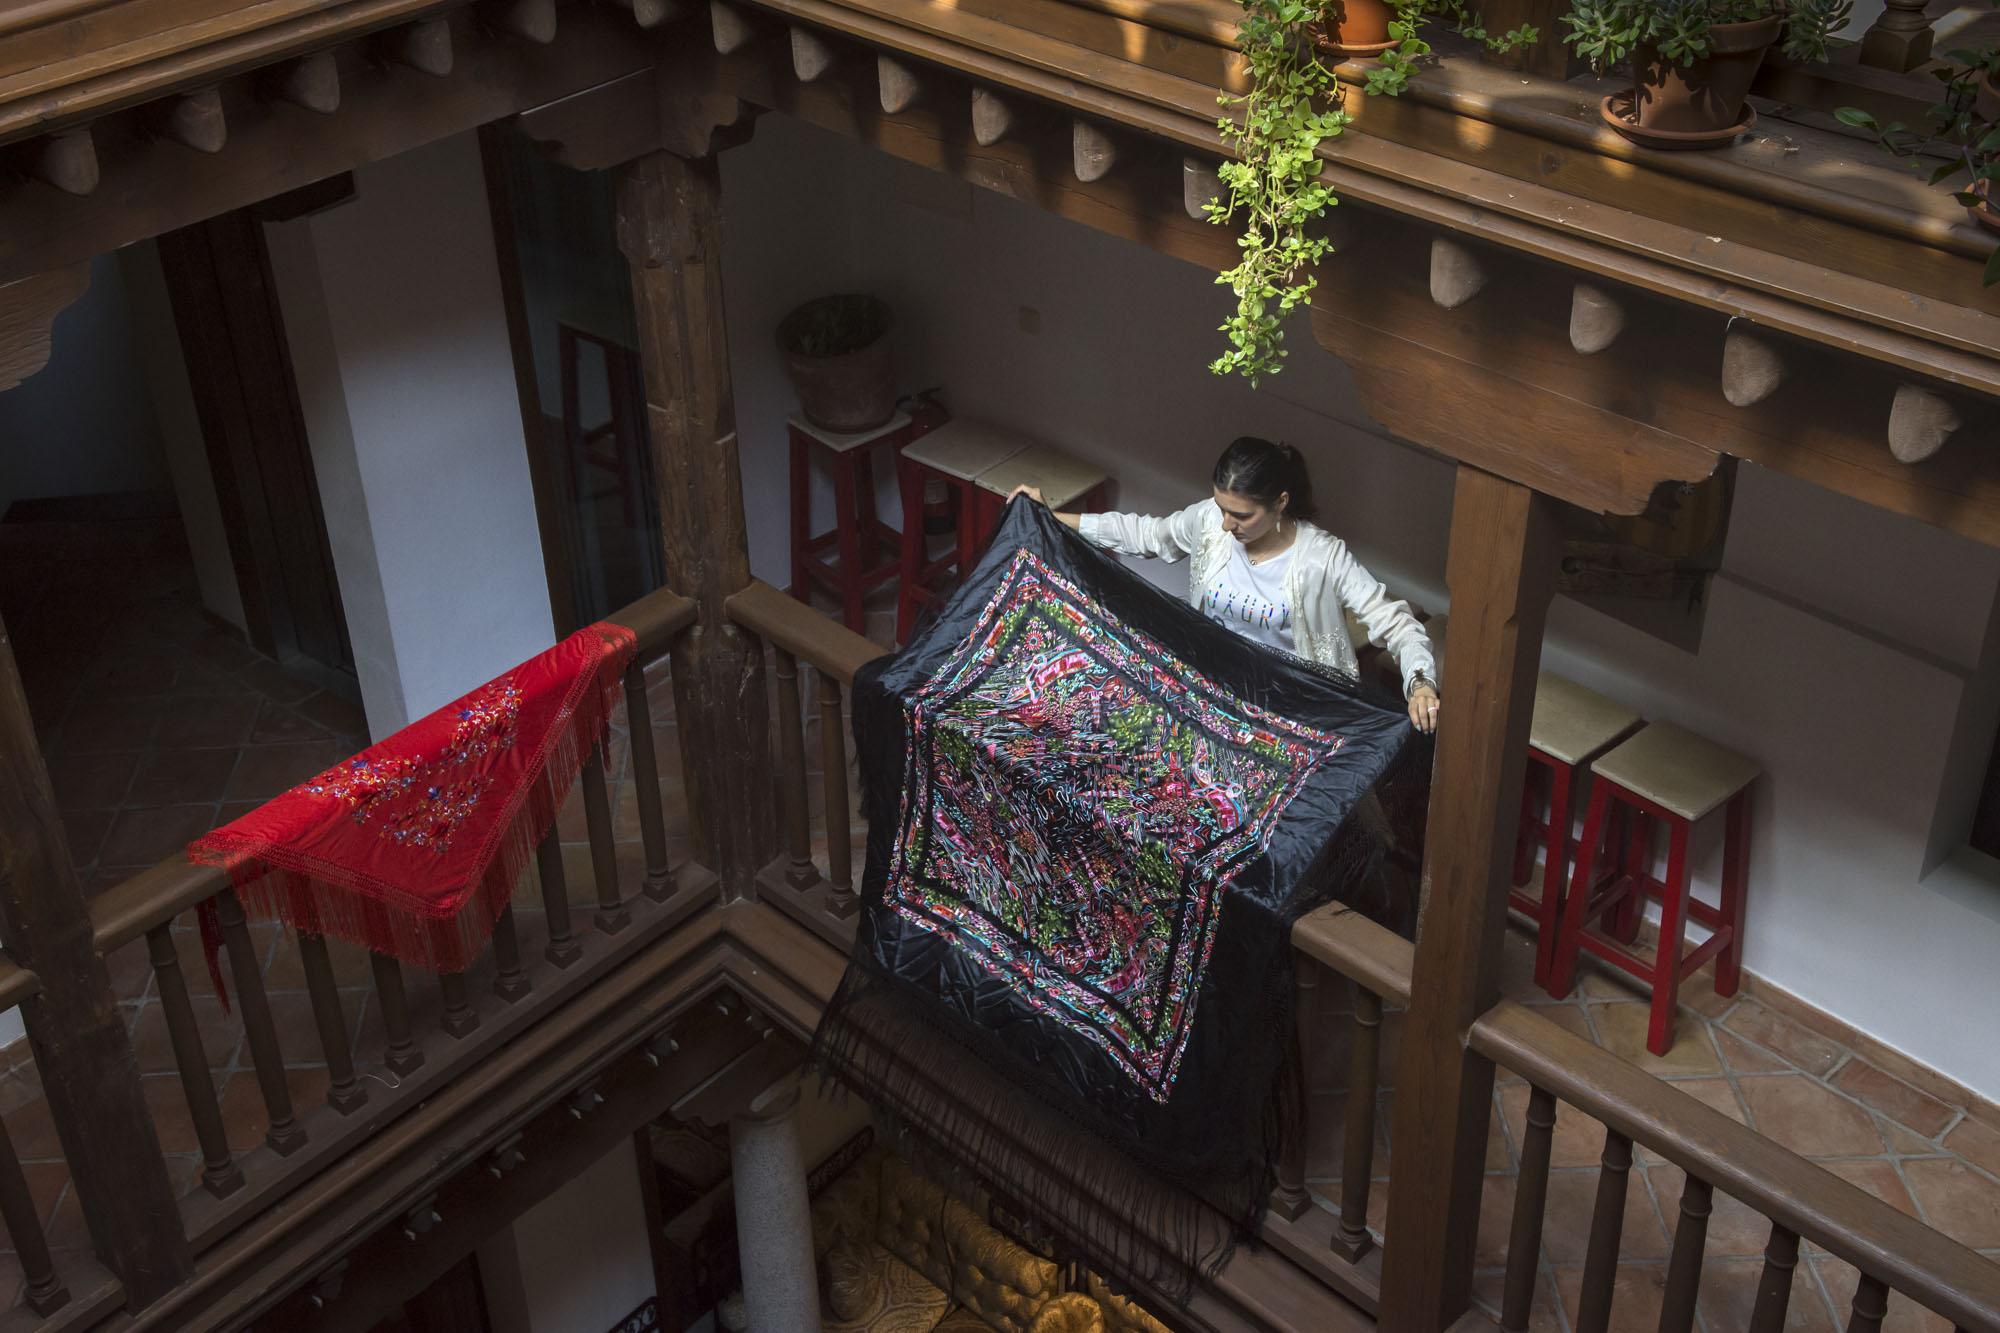 Gabriela, trabajadora del hotel, engalana los corredores del patio con mantones de manila.